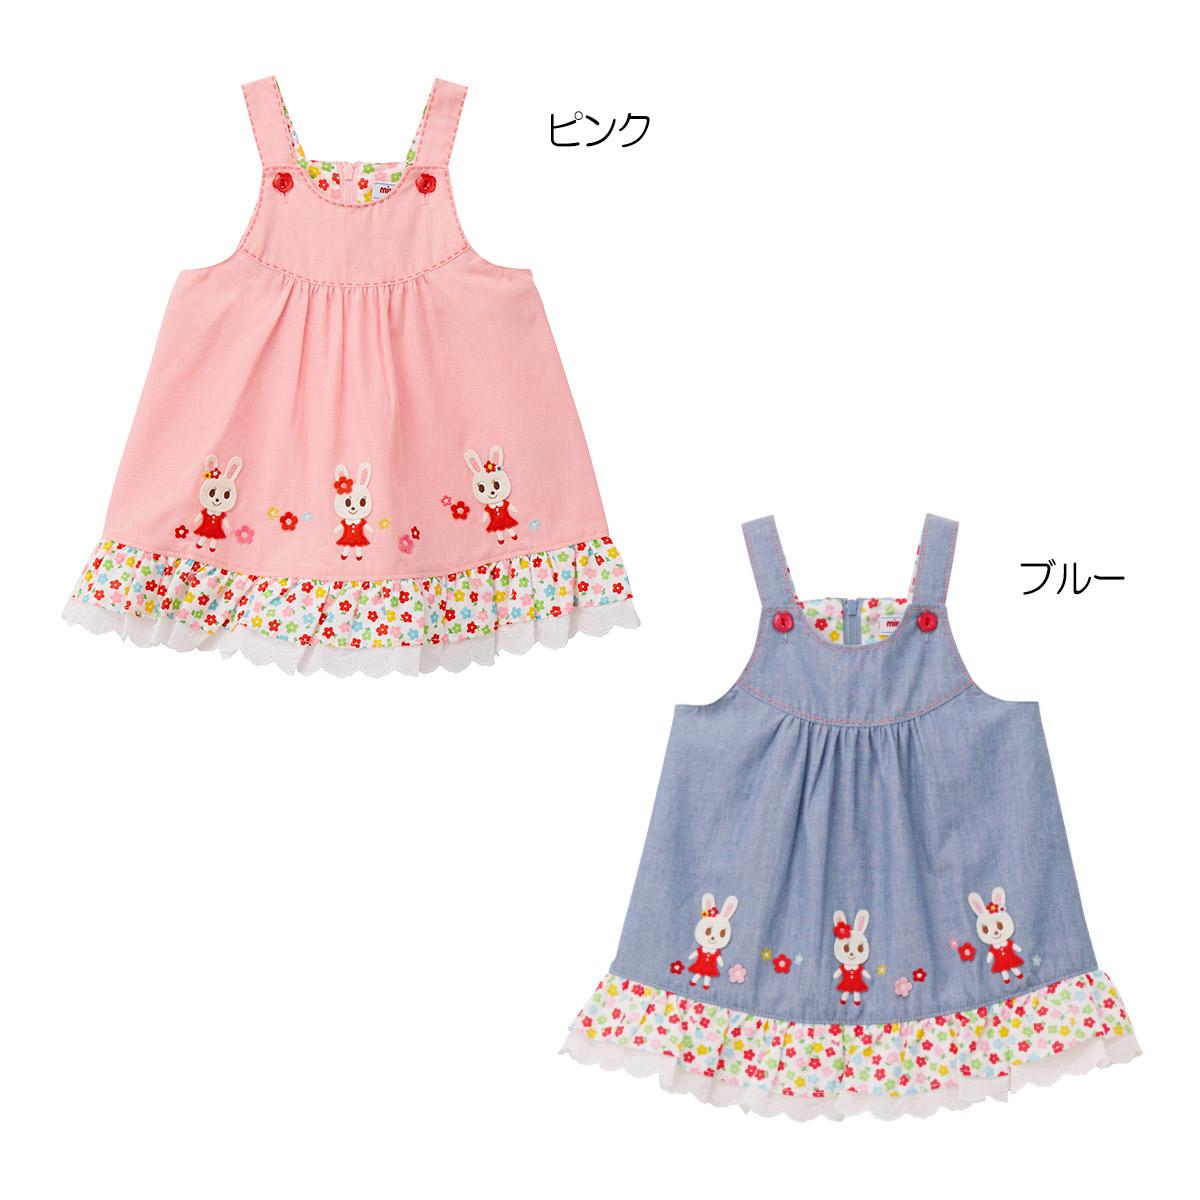 ミキハウス mikihouse うさこ☆プチフラワー♪ジャンパースカート(100cm) バーゲン